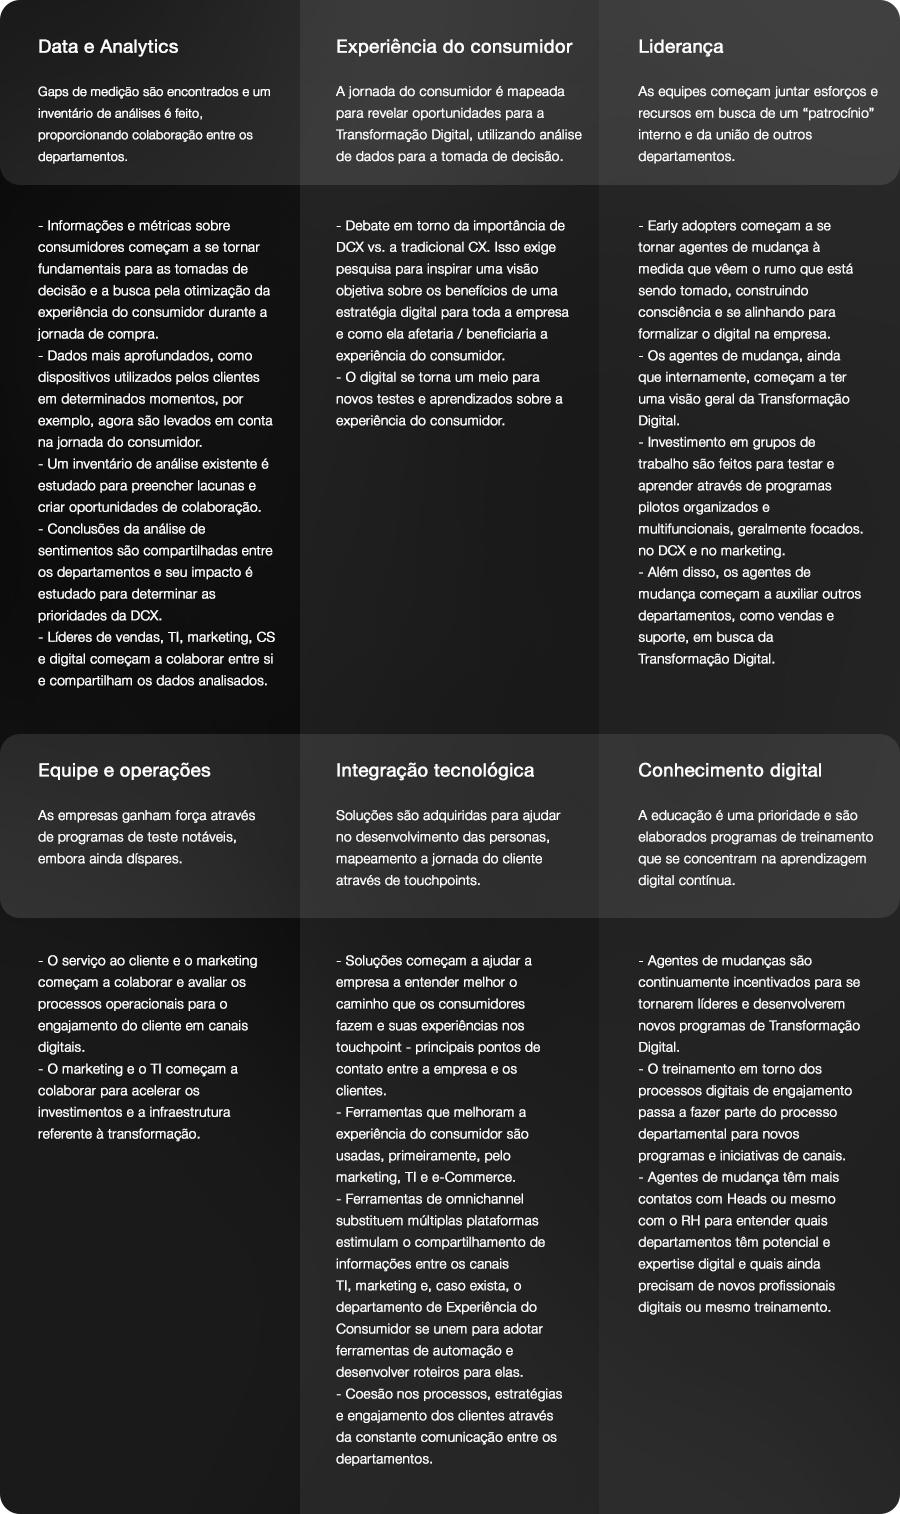 3º Estágio da Transformação Digital em uma empresa